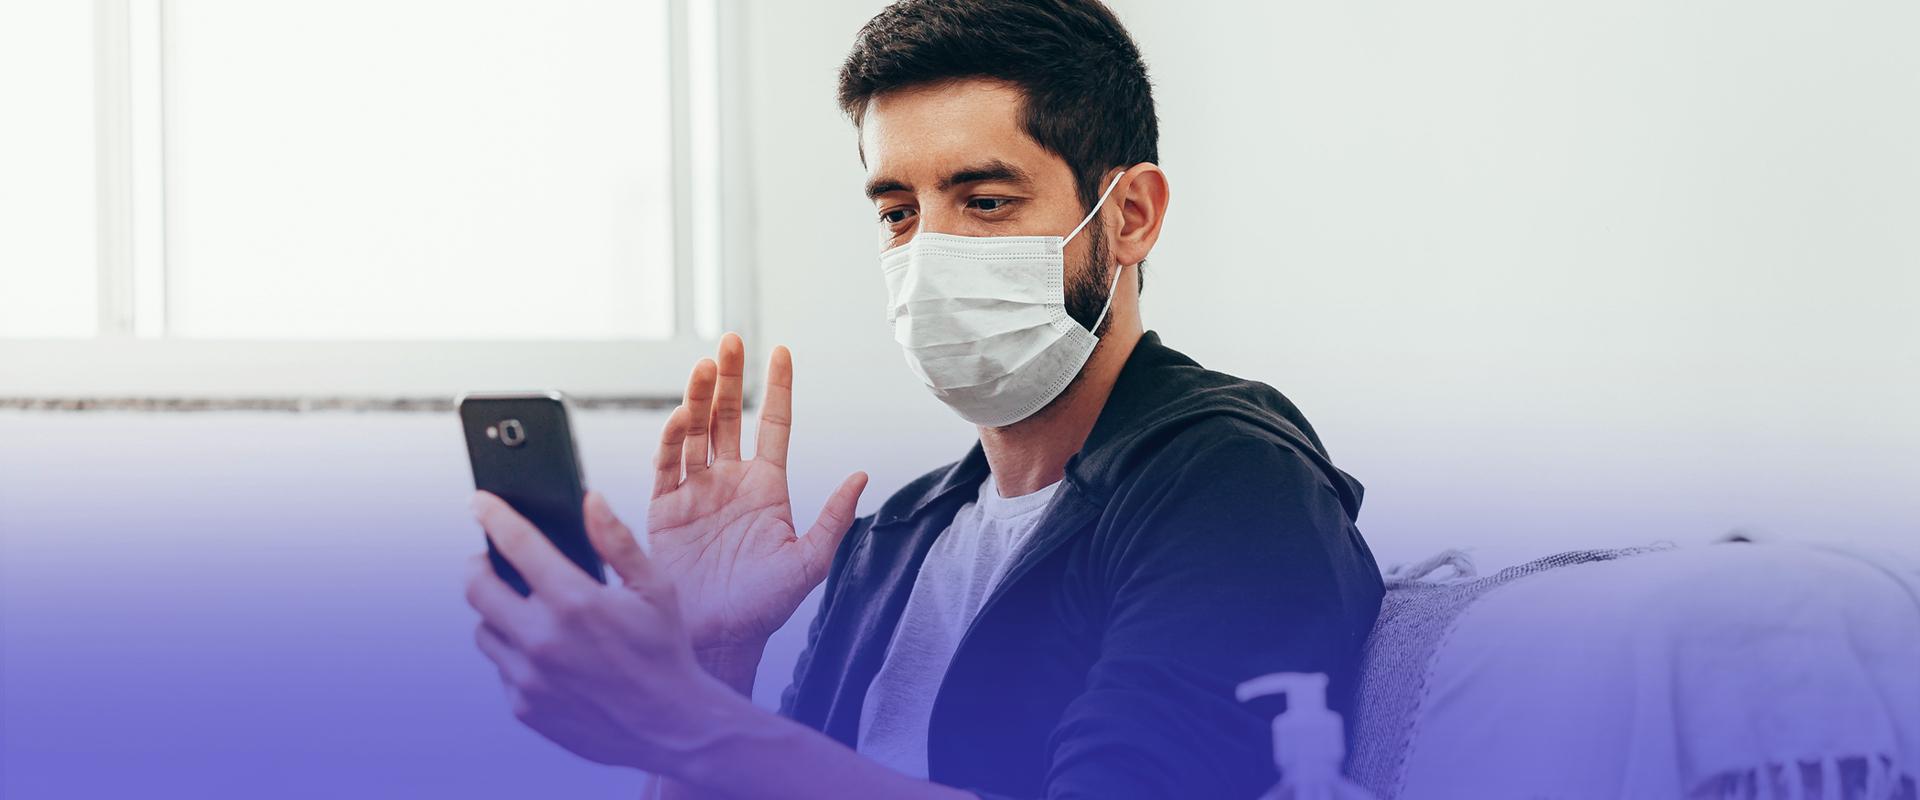 Os benefícios do telemonitoramento de pacientes com COVID